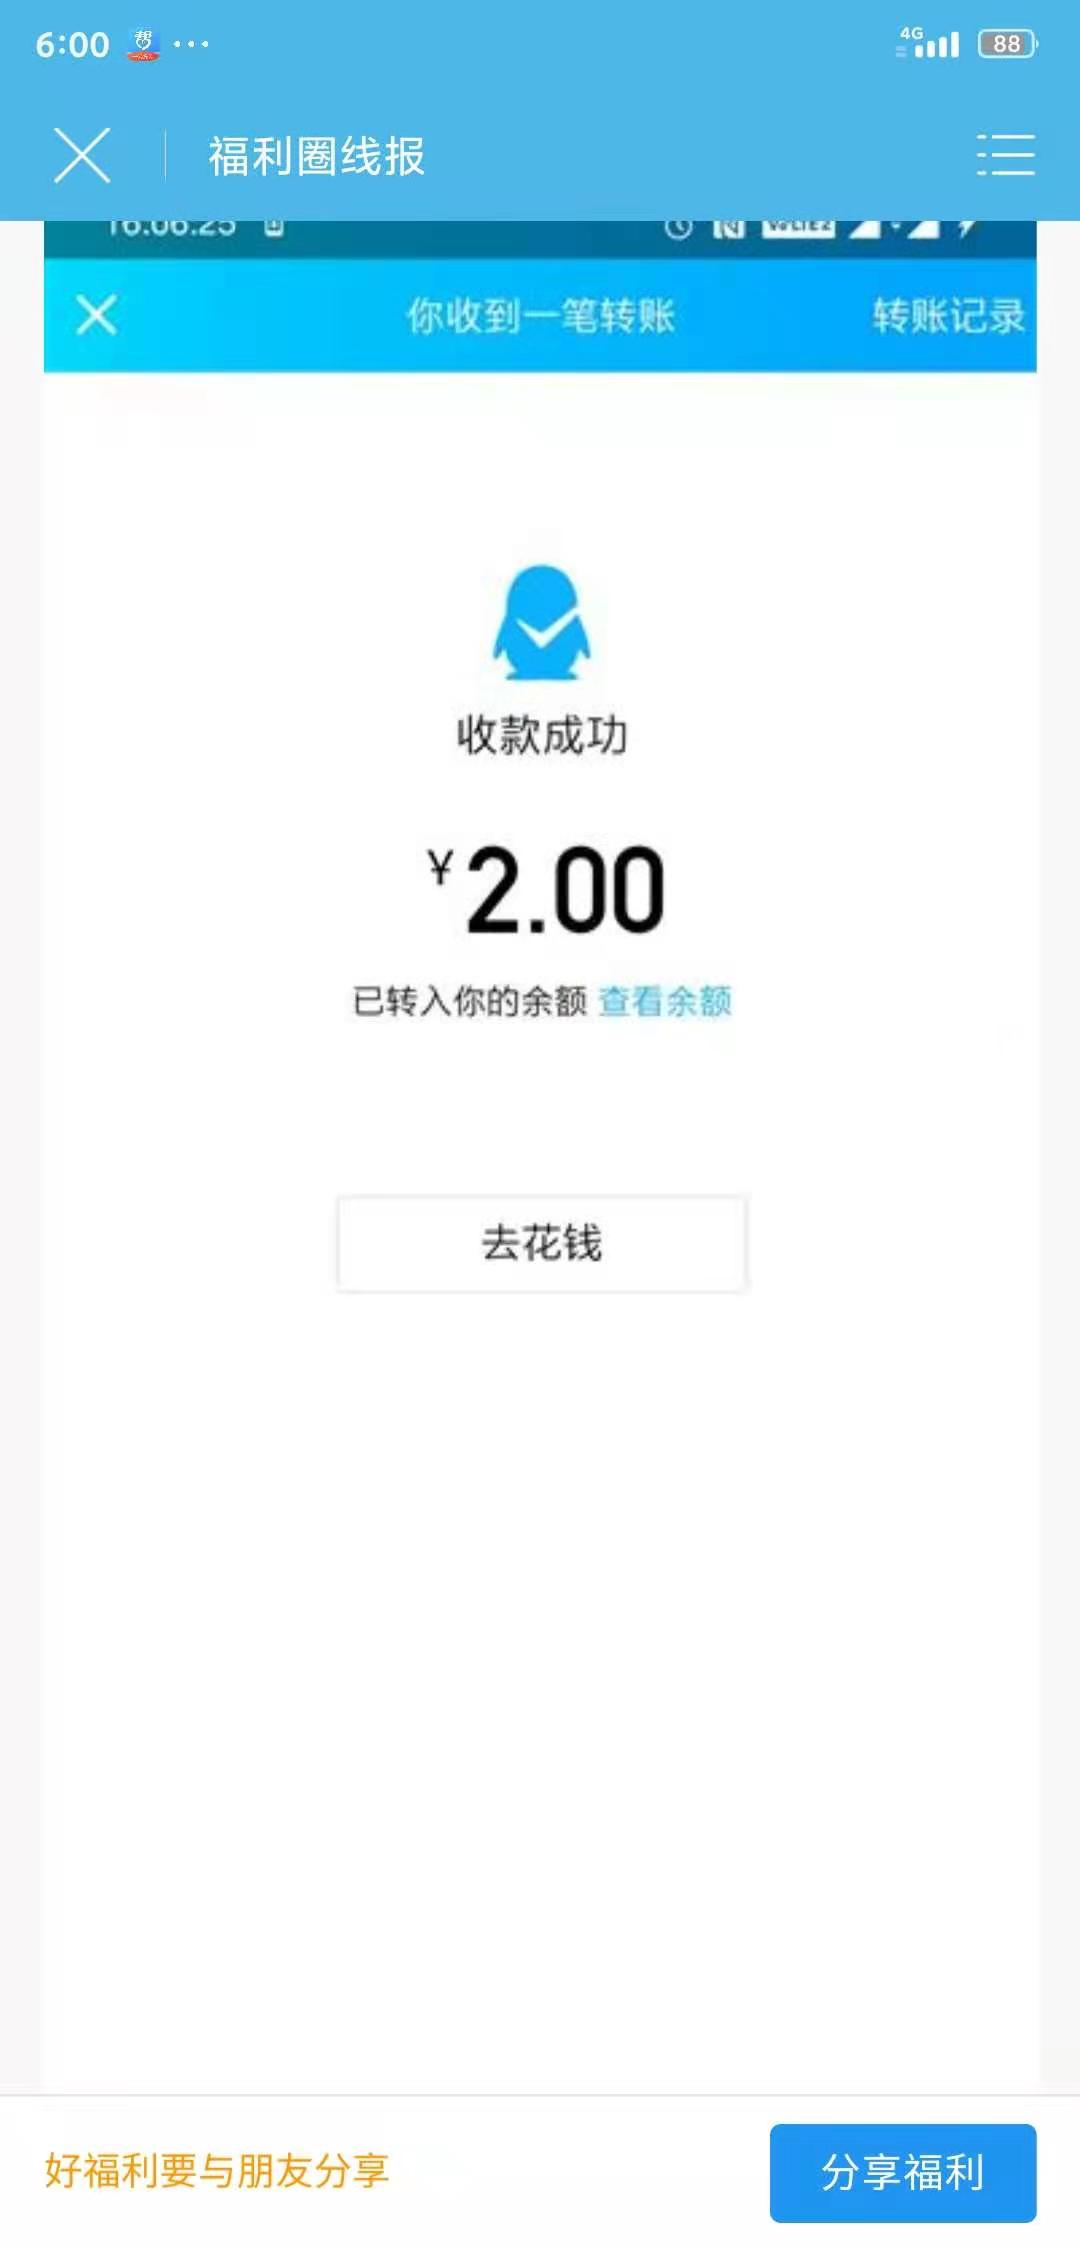 【虚拟物品】QQ炫舞抽红包-聚合资源网